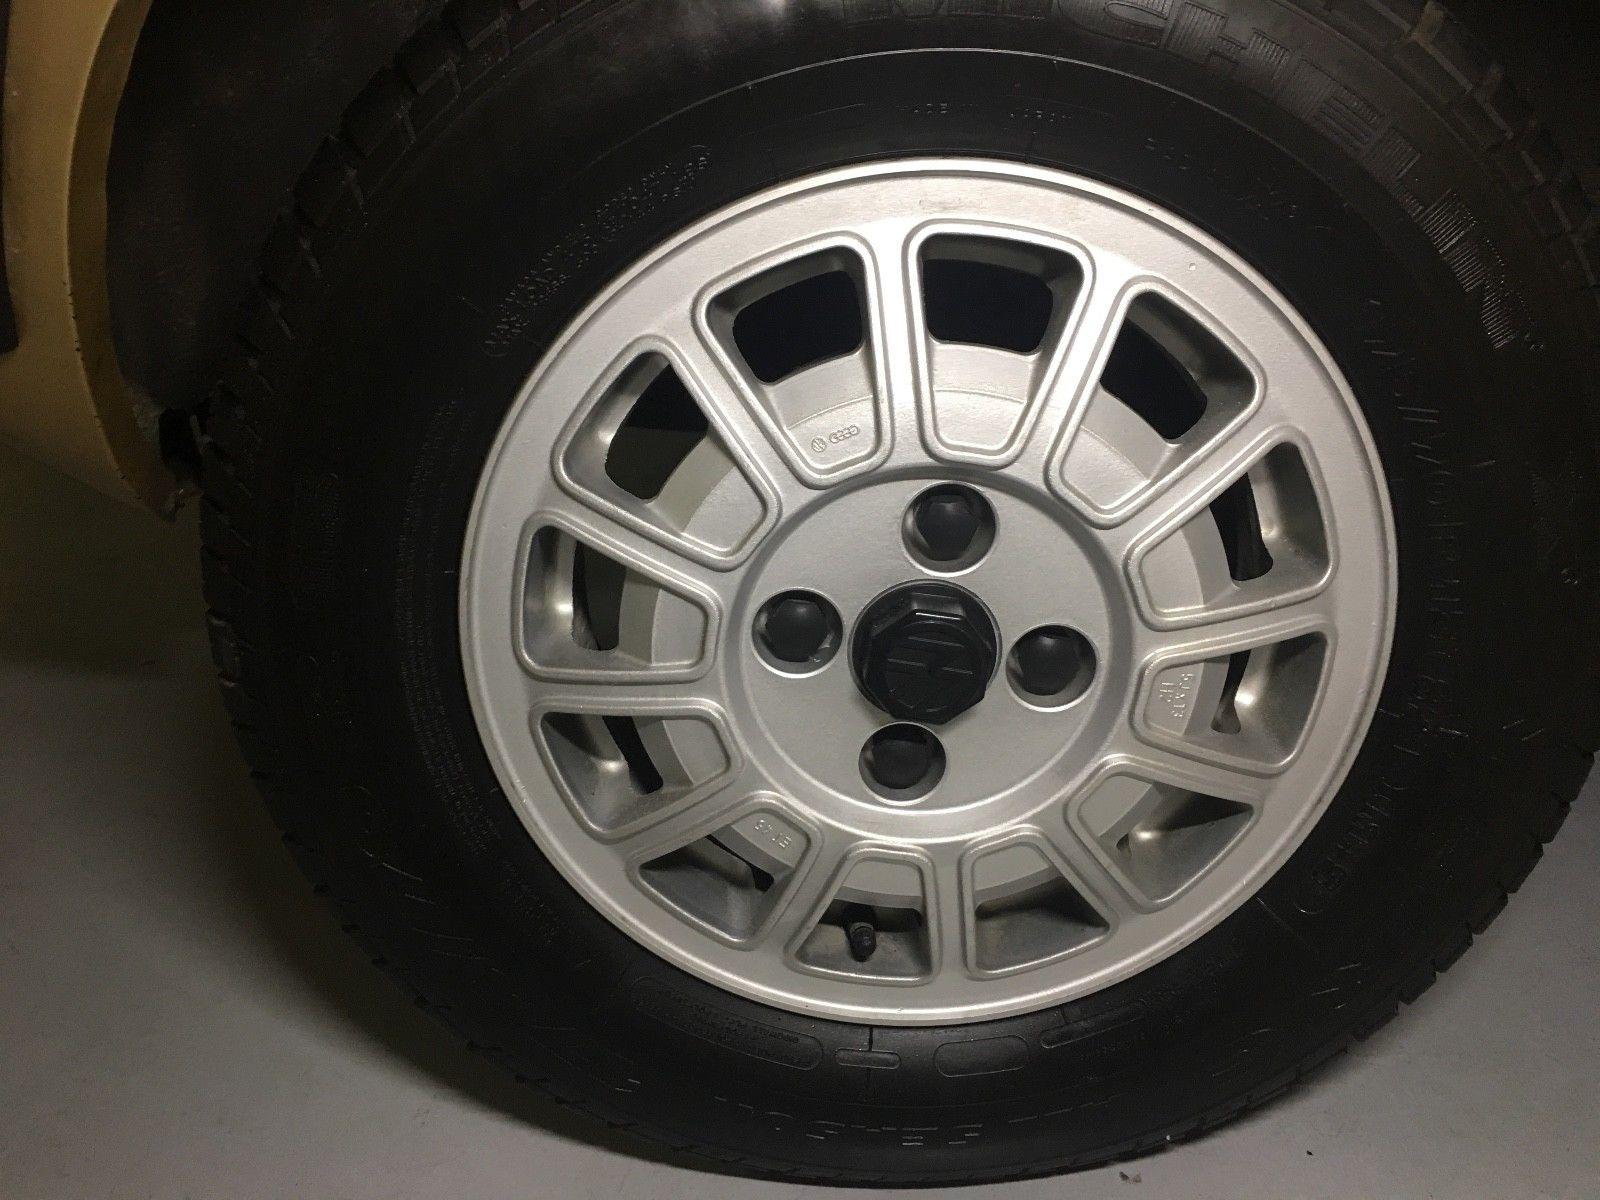 1978 Volkswagen Scirocco wheel